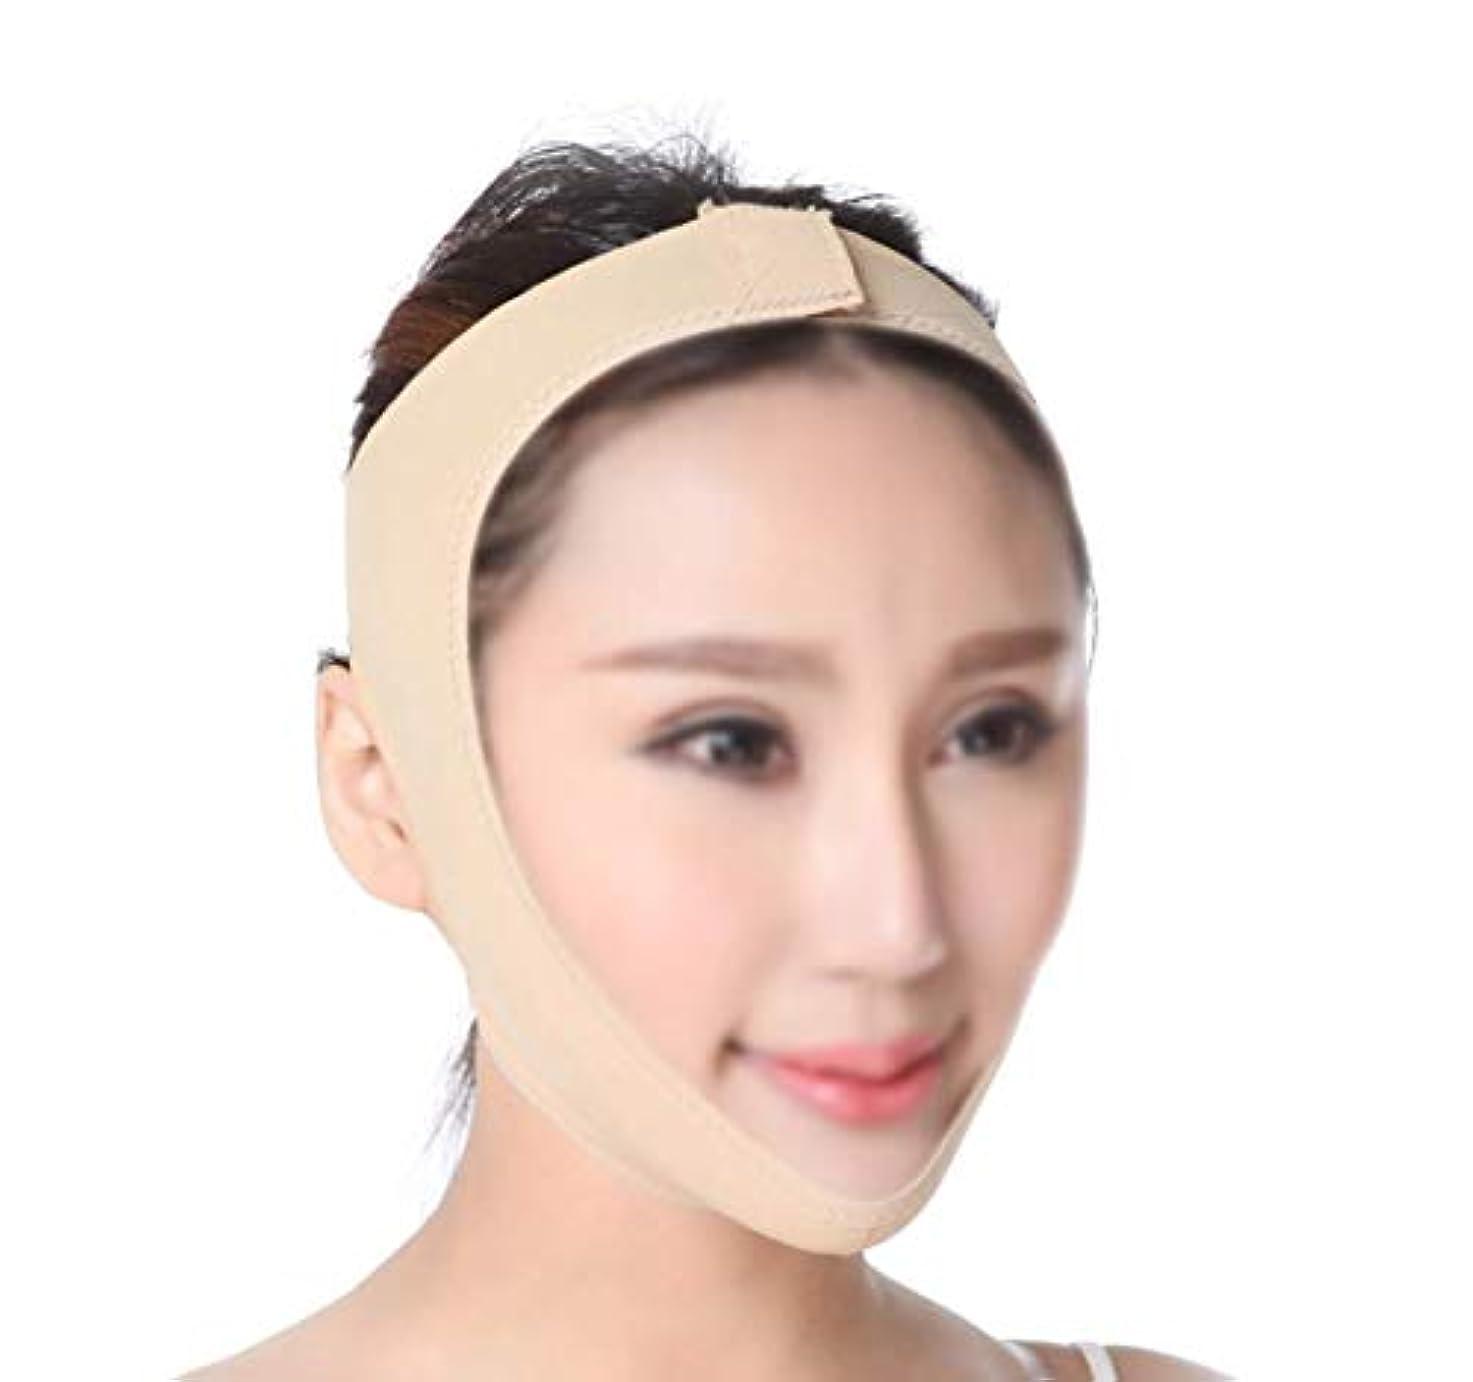 確認するしっとり来てフェイスリフティング包帯、Vフェイスインストゥルメントフェイスマスクアーティファクト引き締めマスク手動フェイシャルマッサージ通気性肌のトーン(サイズ:M)